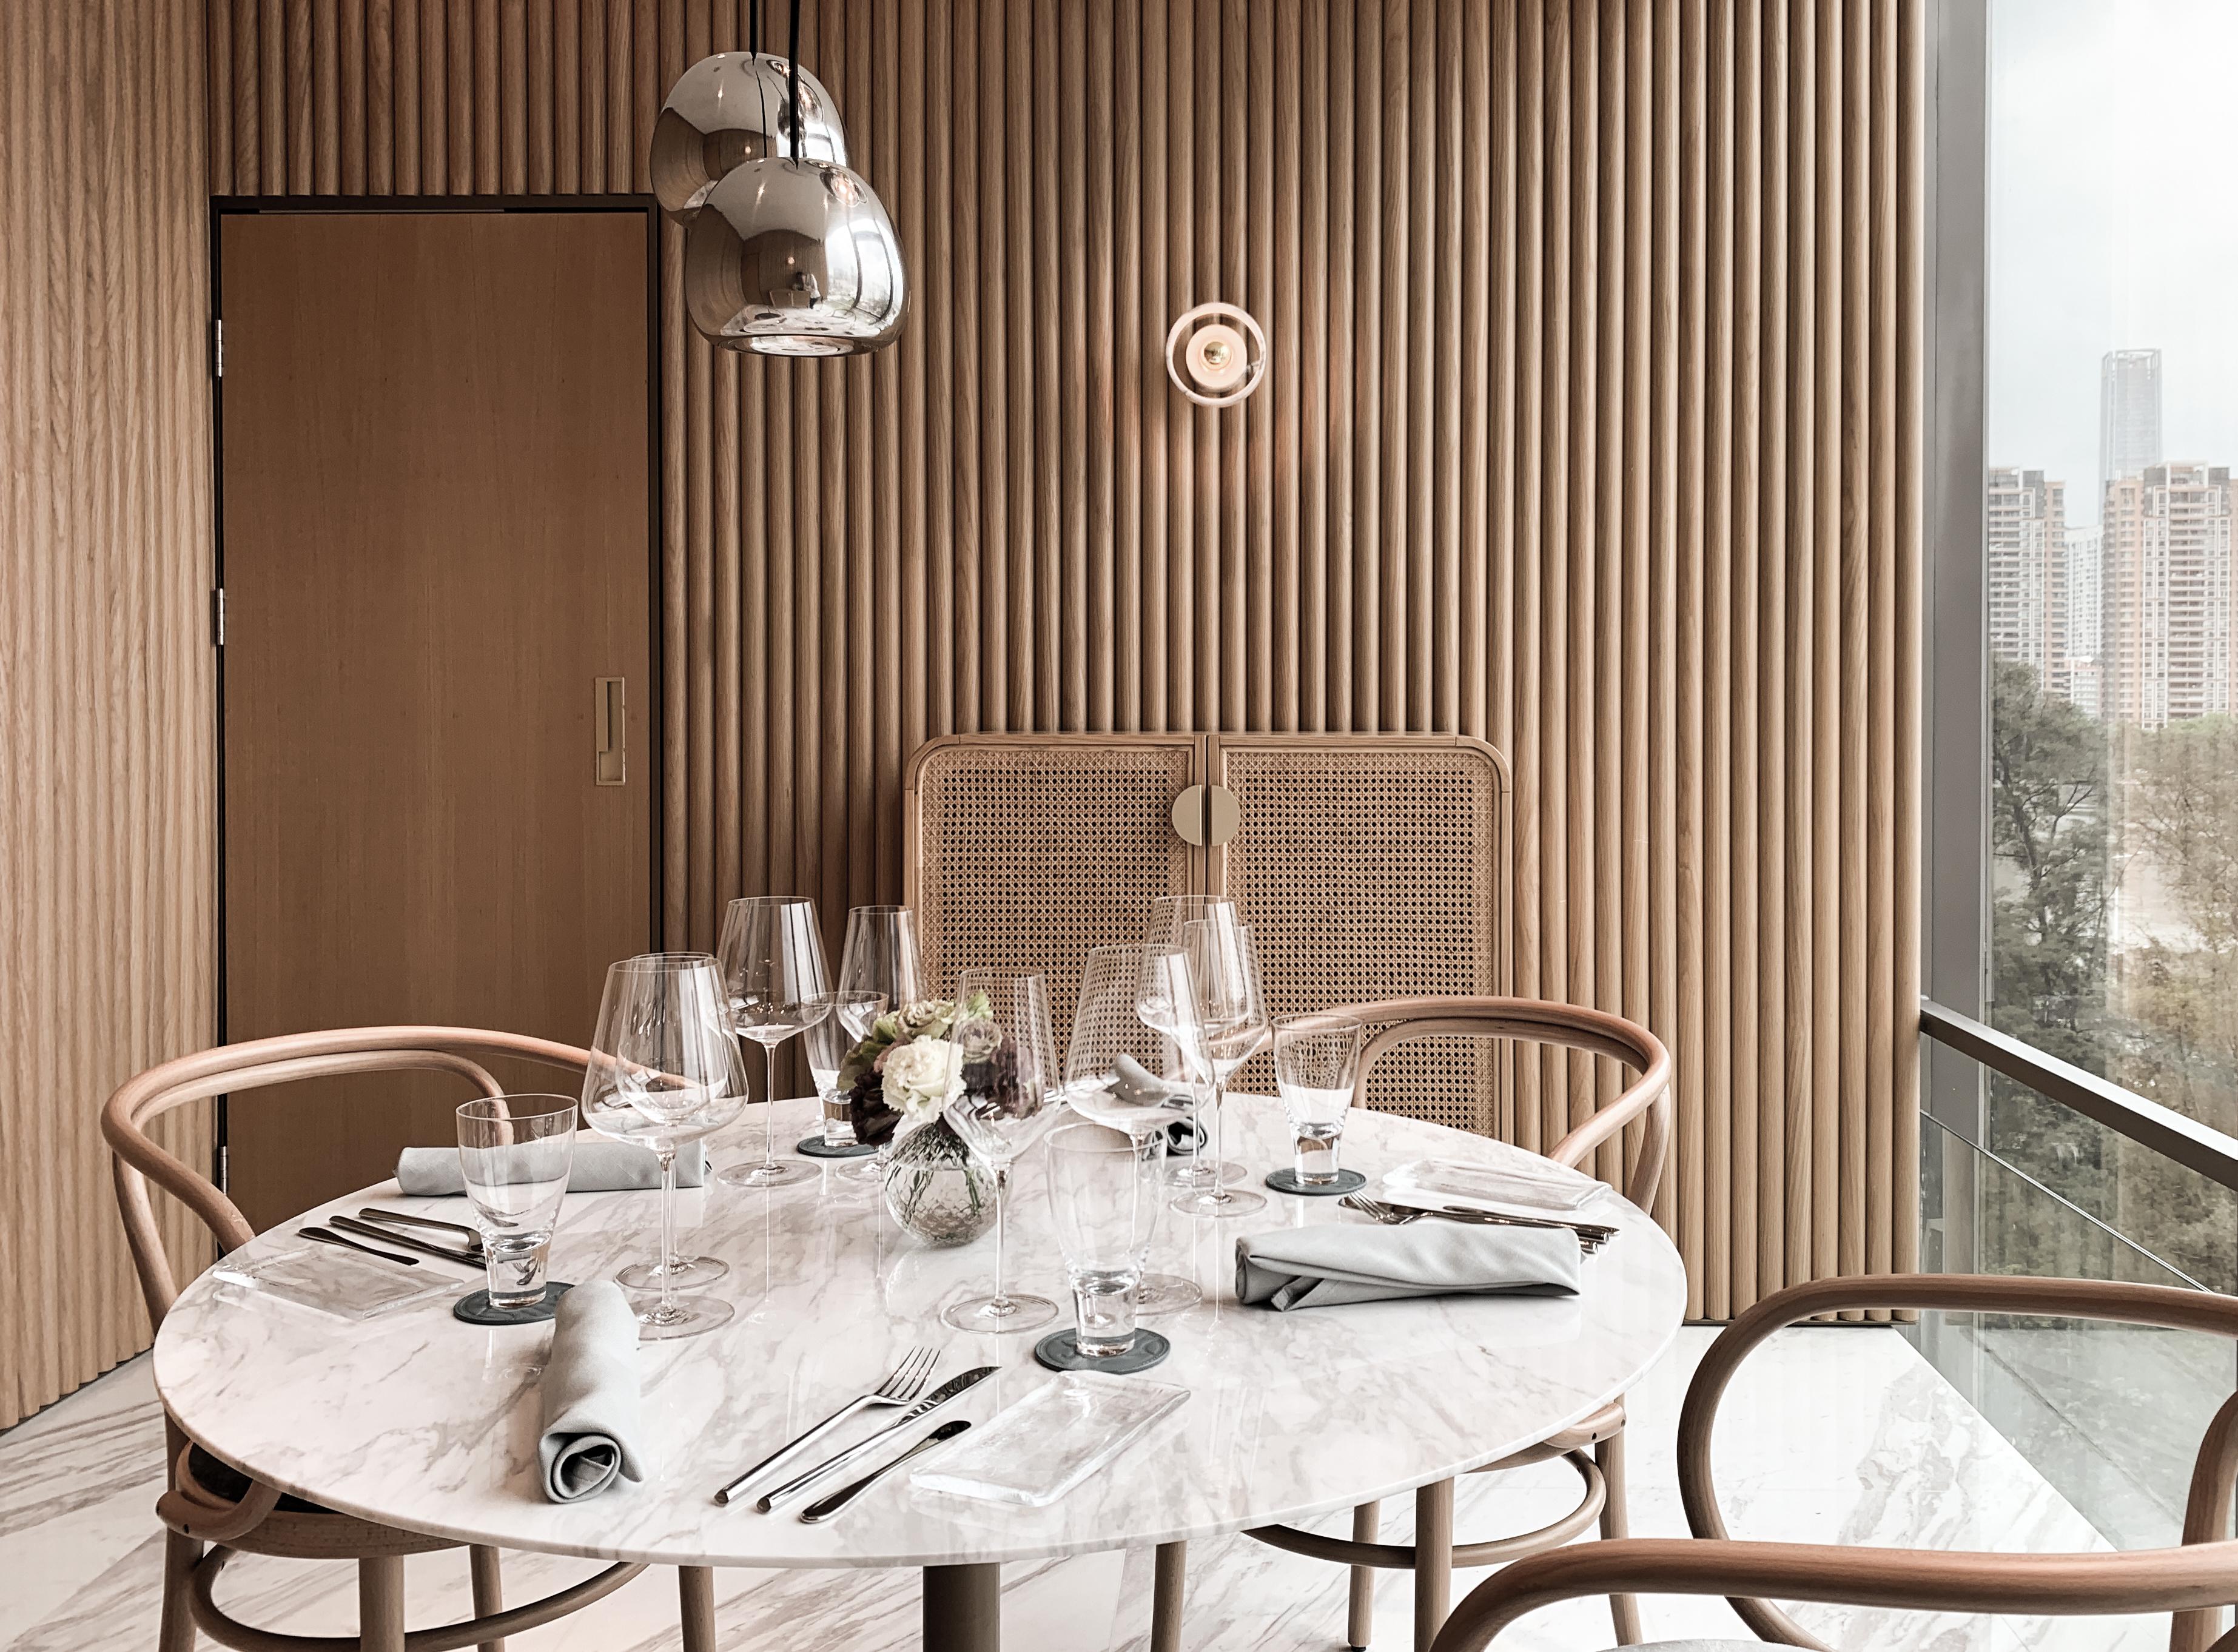 Pearl restaurant Rêver by Wuji Studio